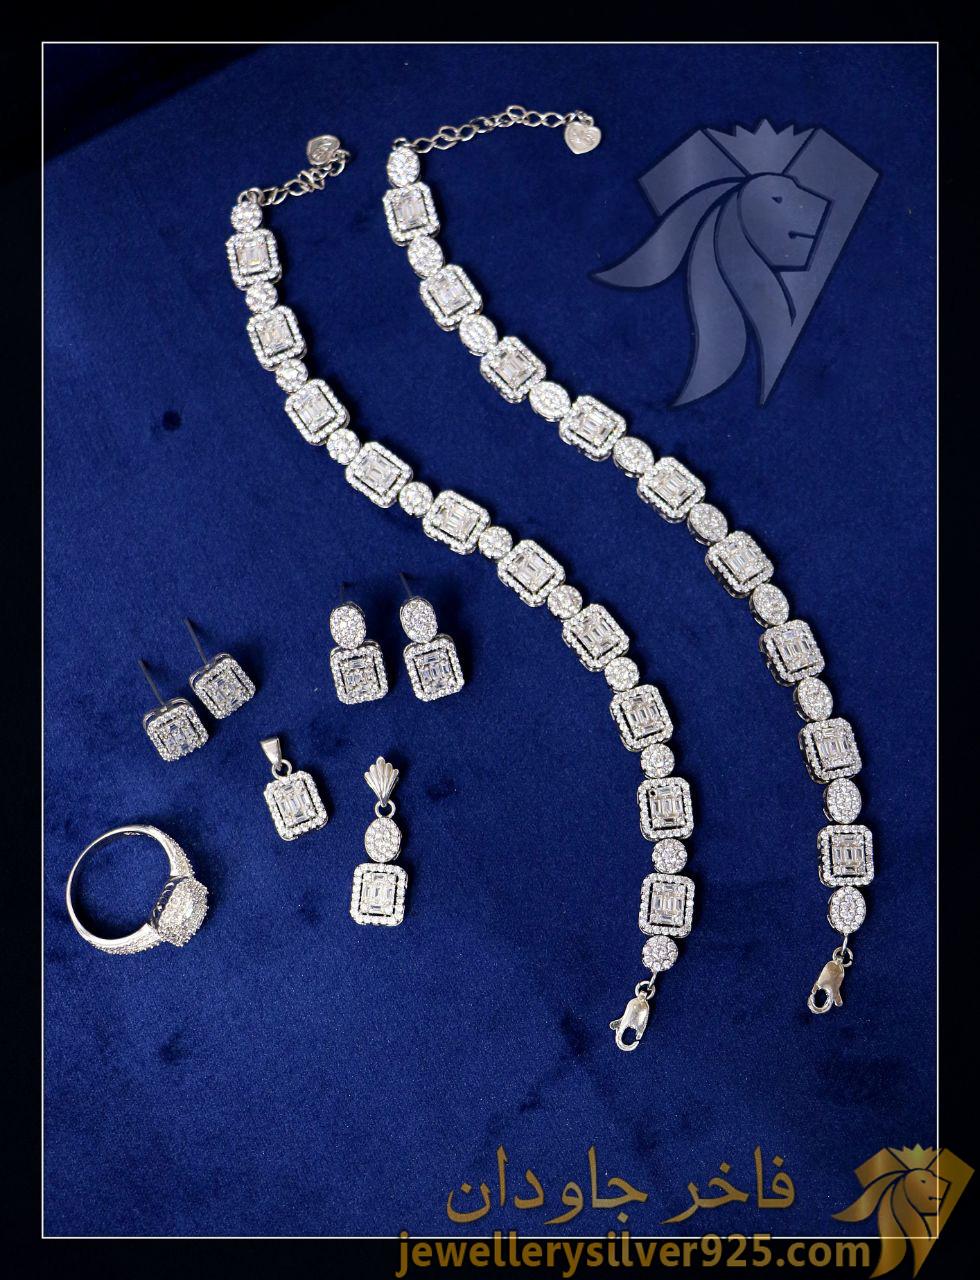 دستبند طرح جواهر نقره روکش طلا سفید